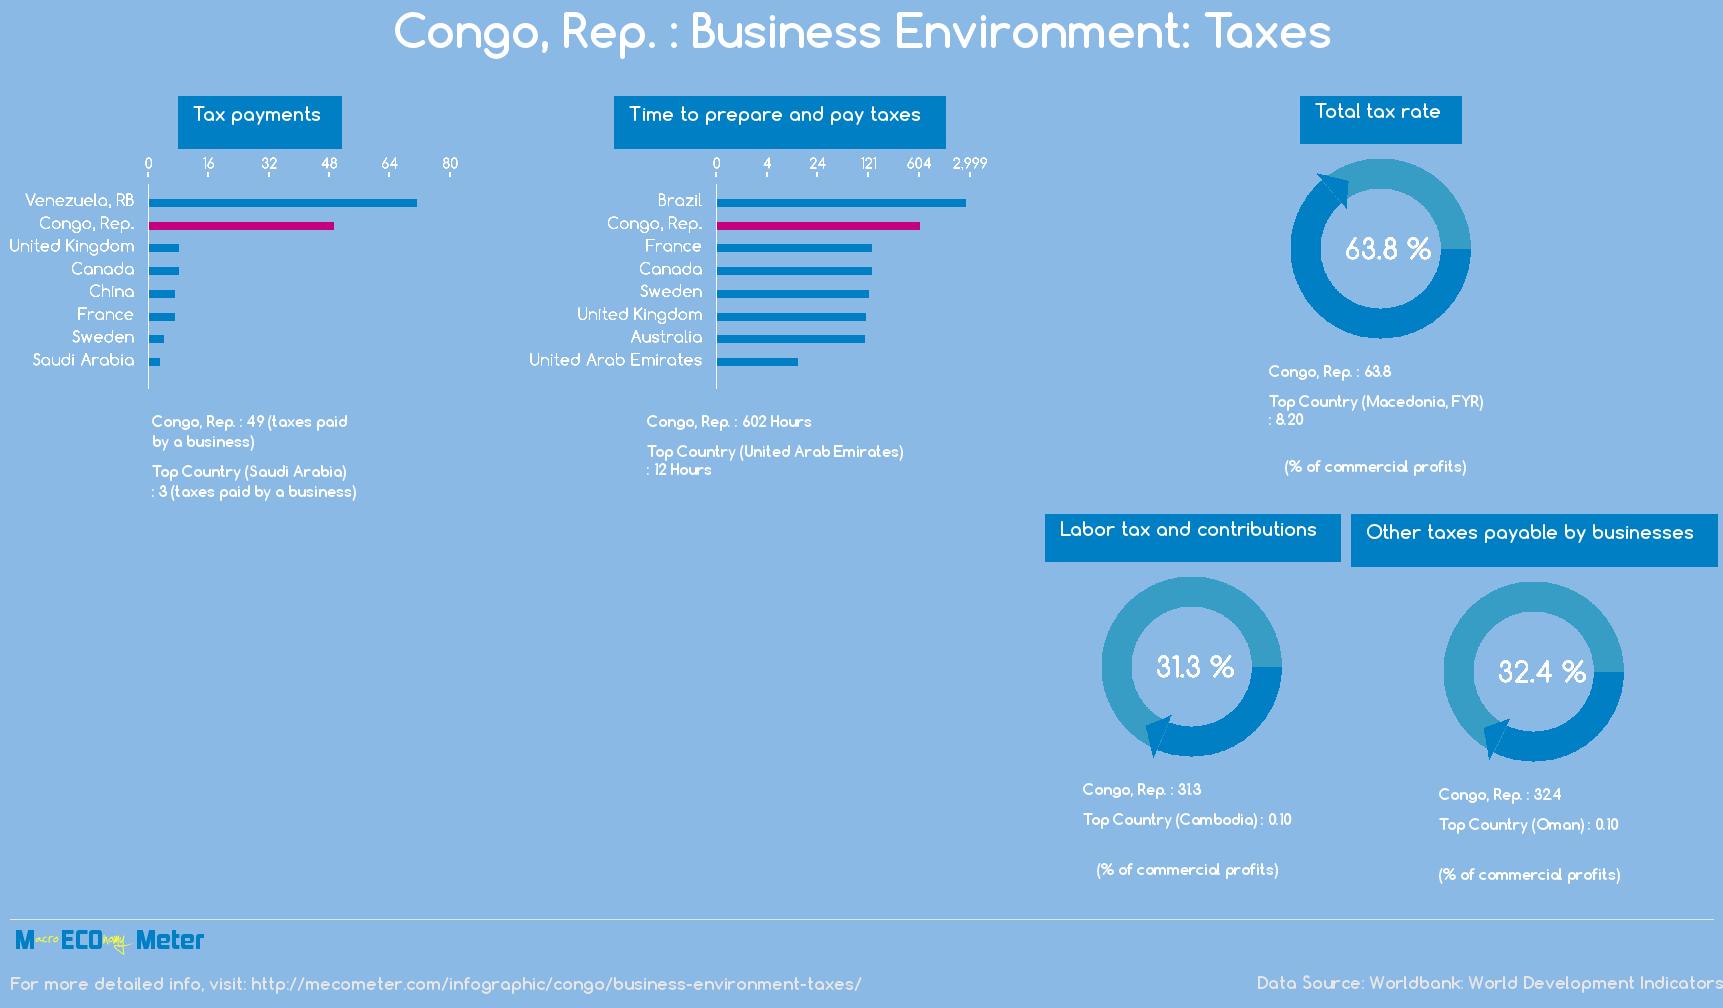 Congo, Rep. : Business Environment: Taxes